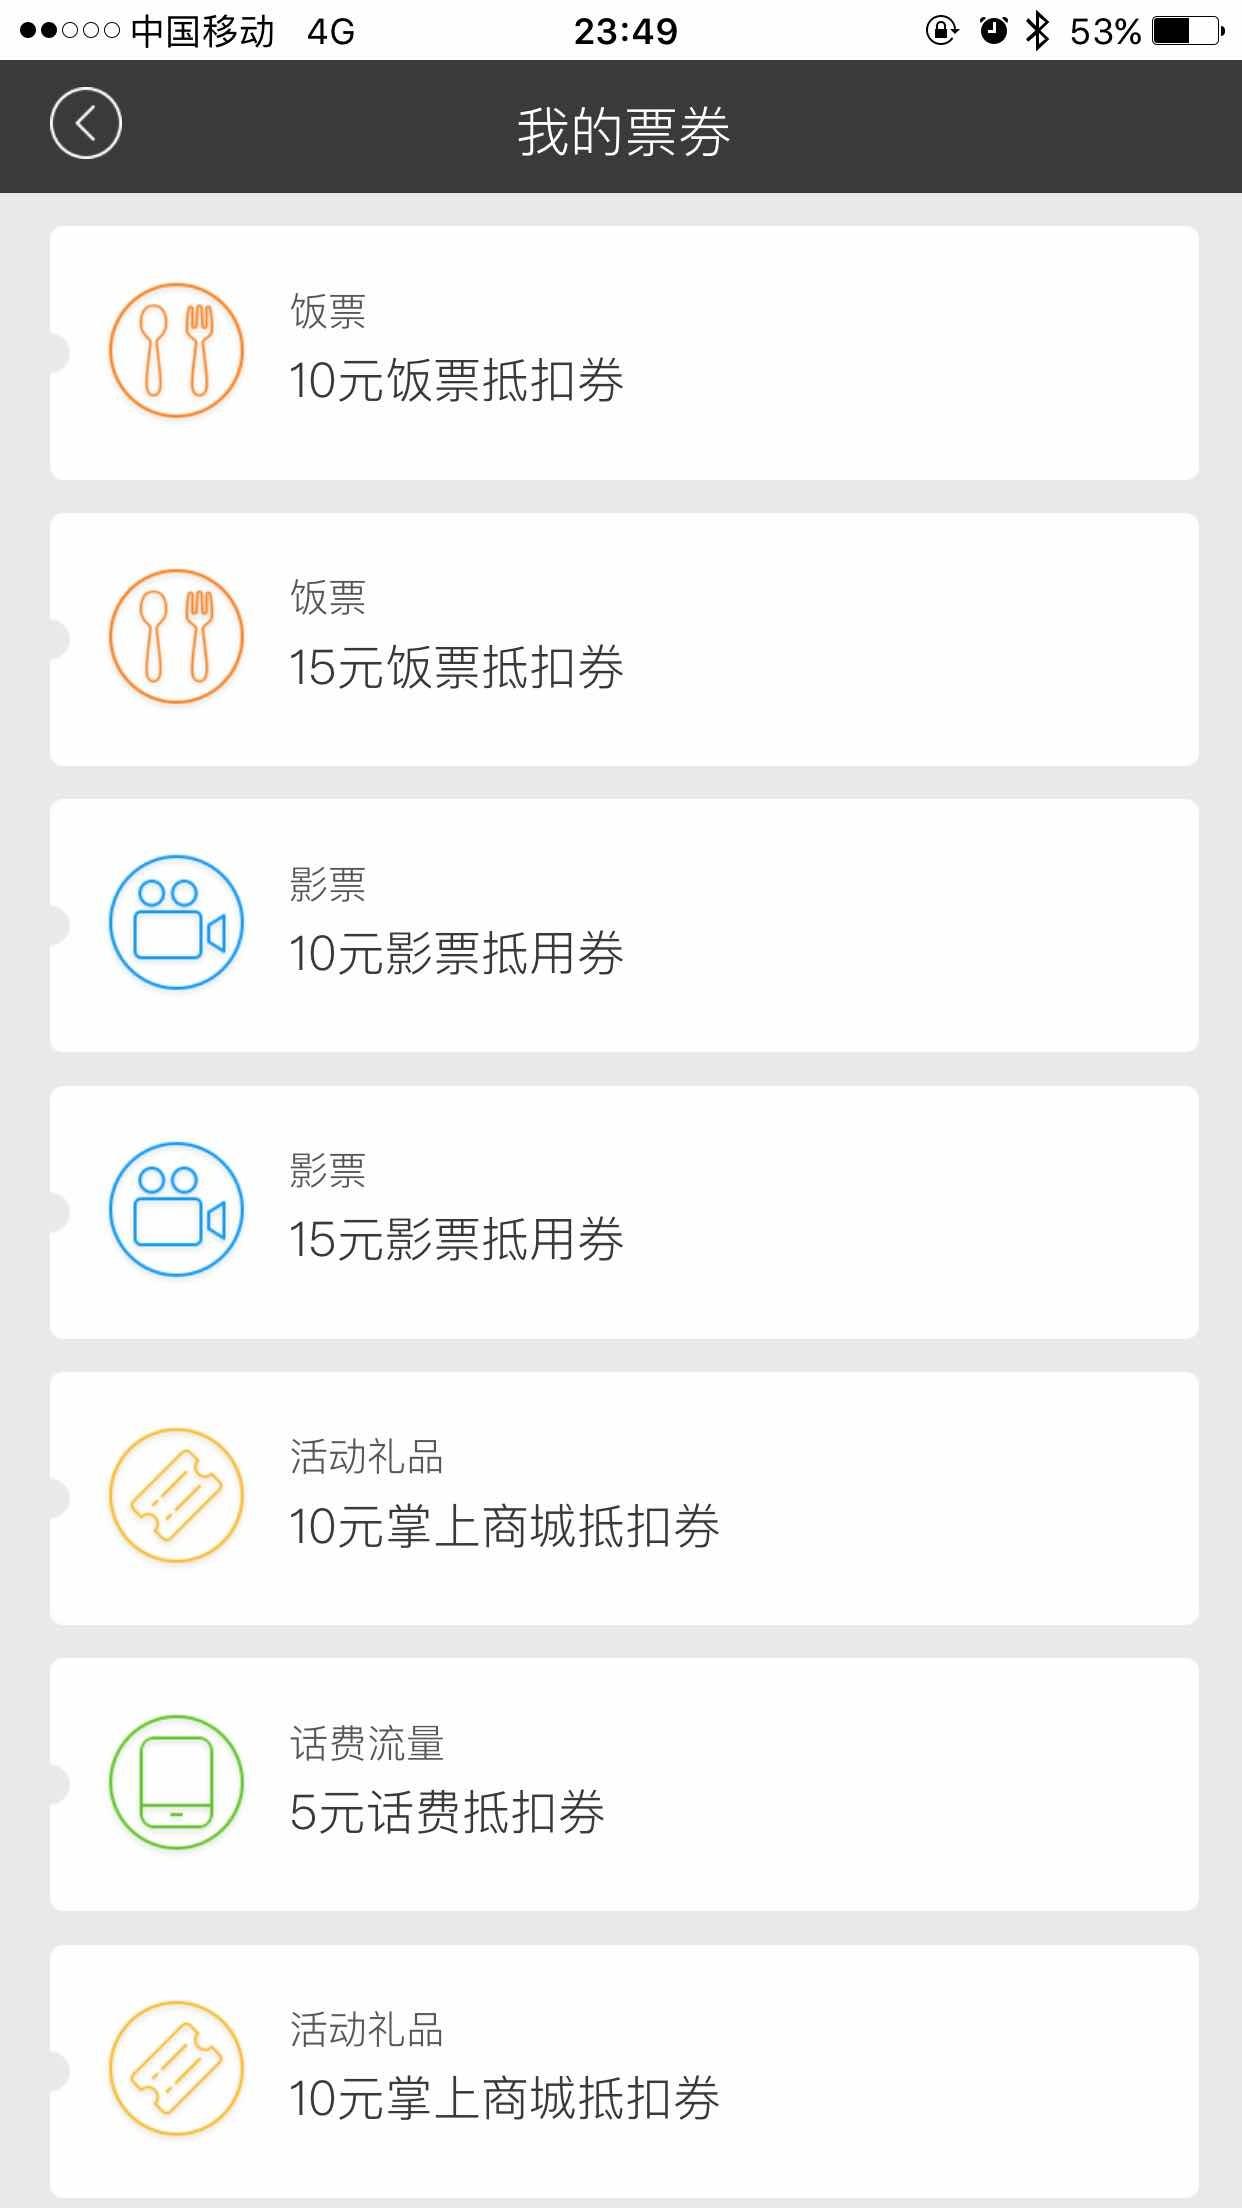 招商银行app / 发布作者:Devil搂Angel / 来源:卡课堂 / 图片序号:83